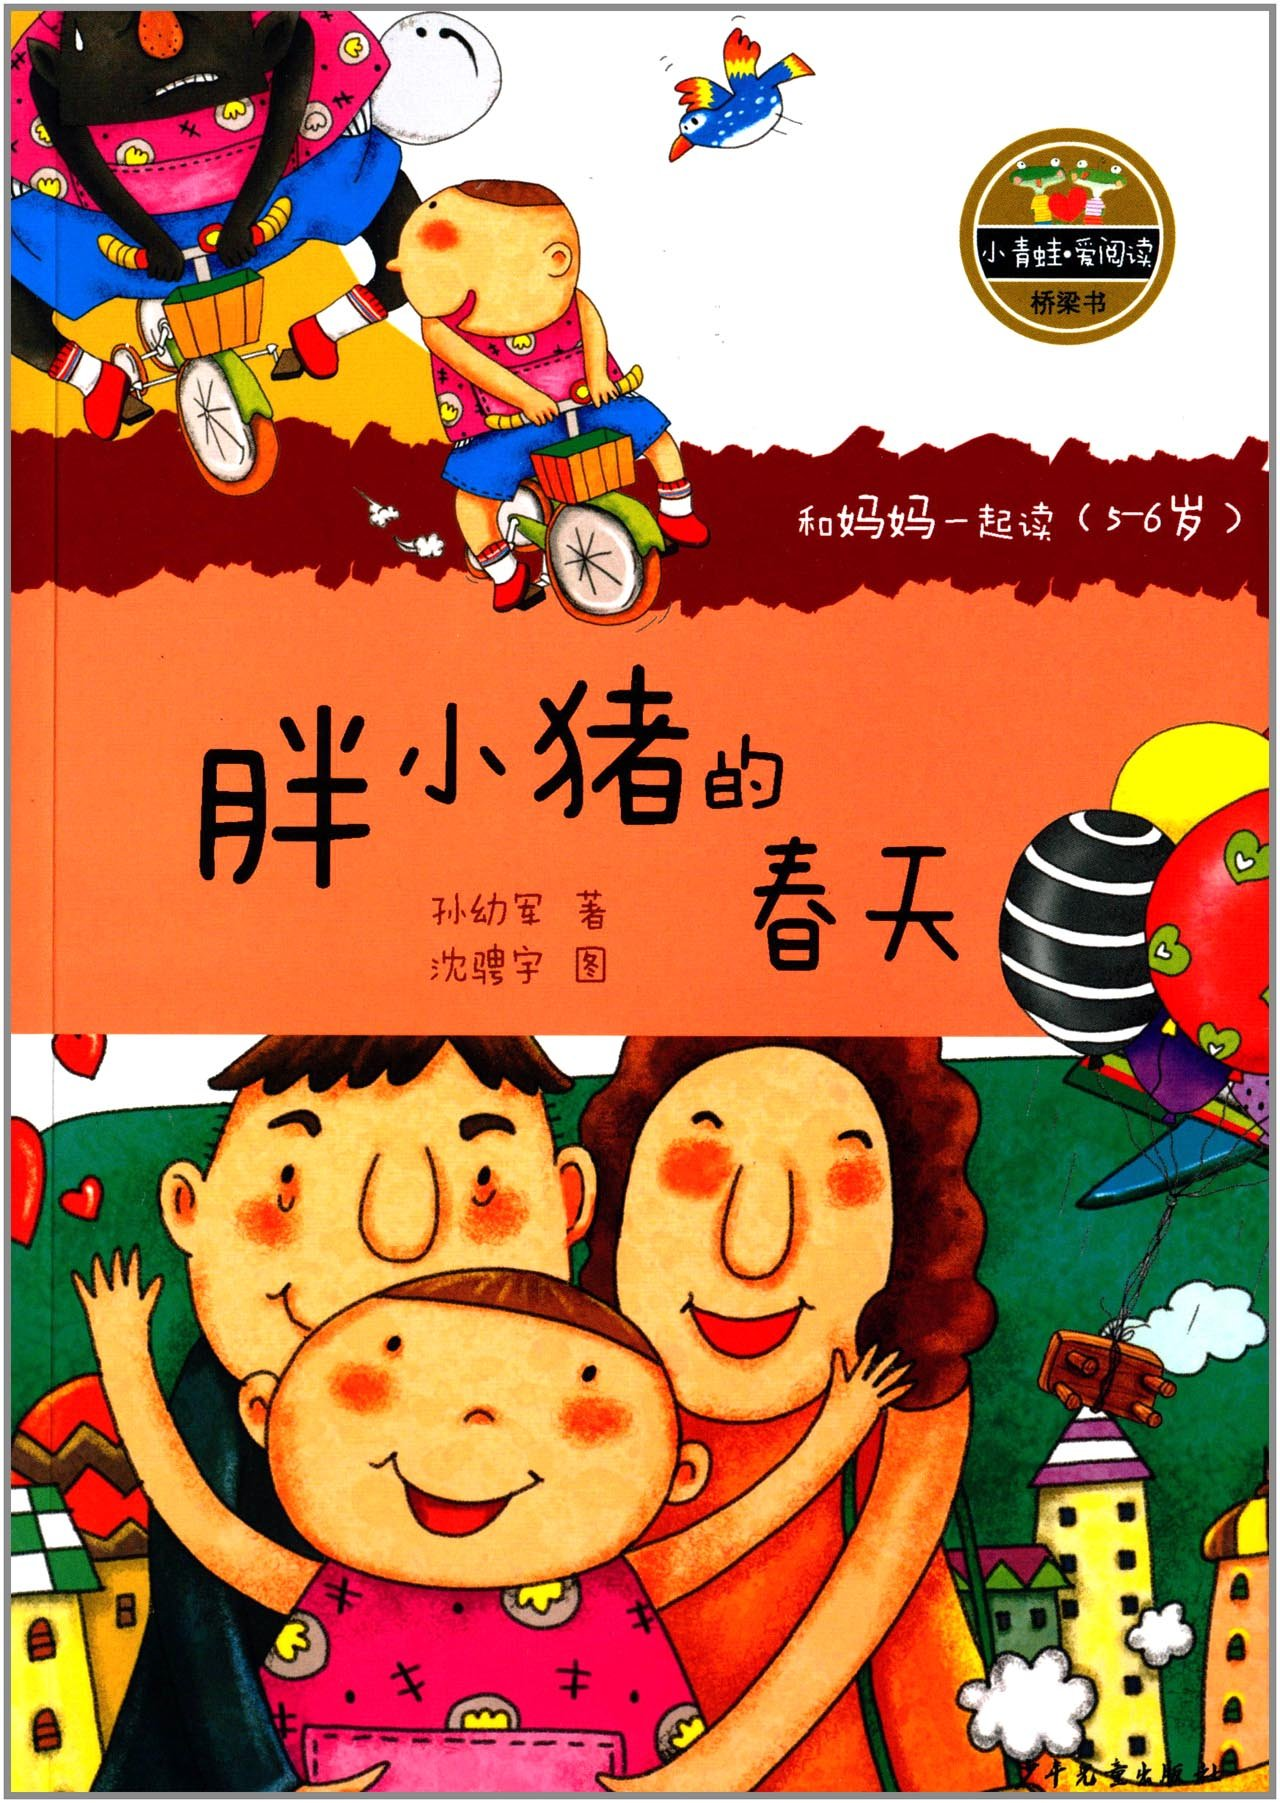 小青蛙·爱阅读(桥梁书):胖小猪的春天